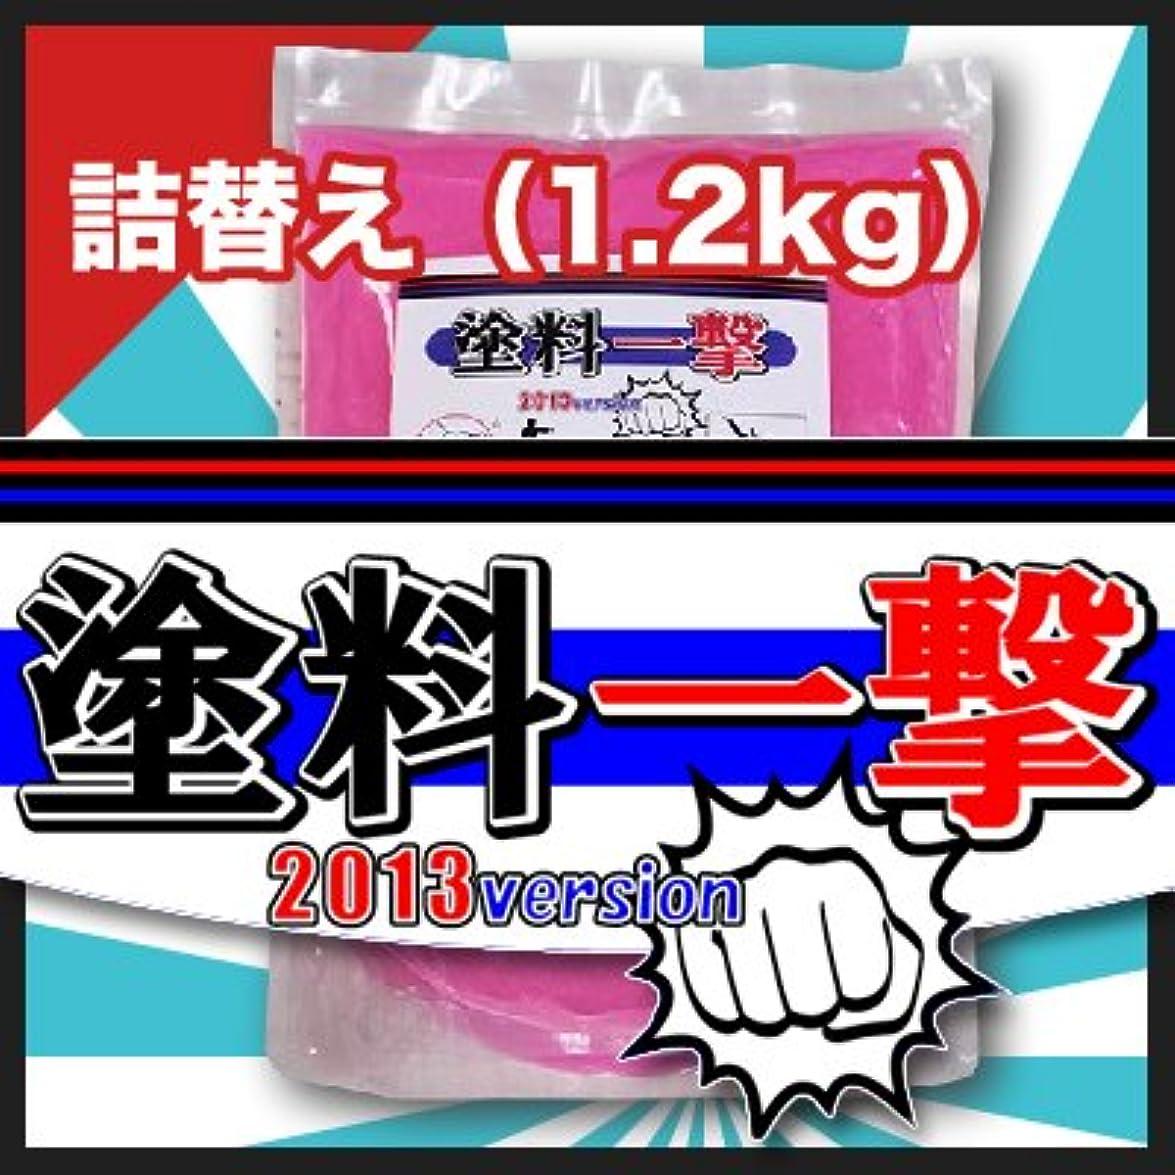 士気感性エンターテインメントD.Iプランニング 塗料一撃 2013 Version 詰め替え (1.2kg)